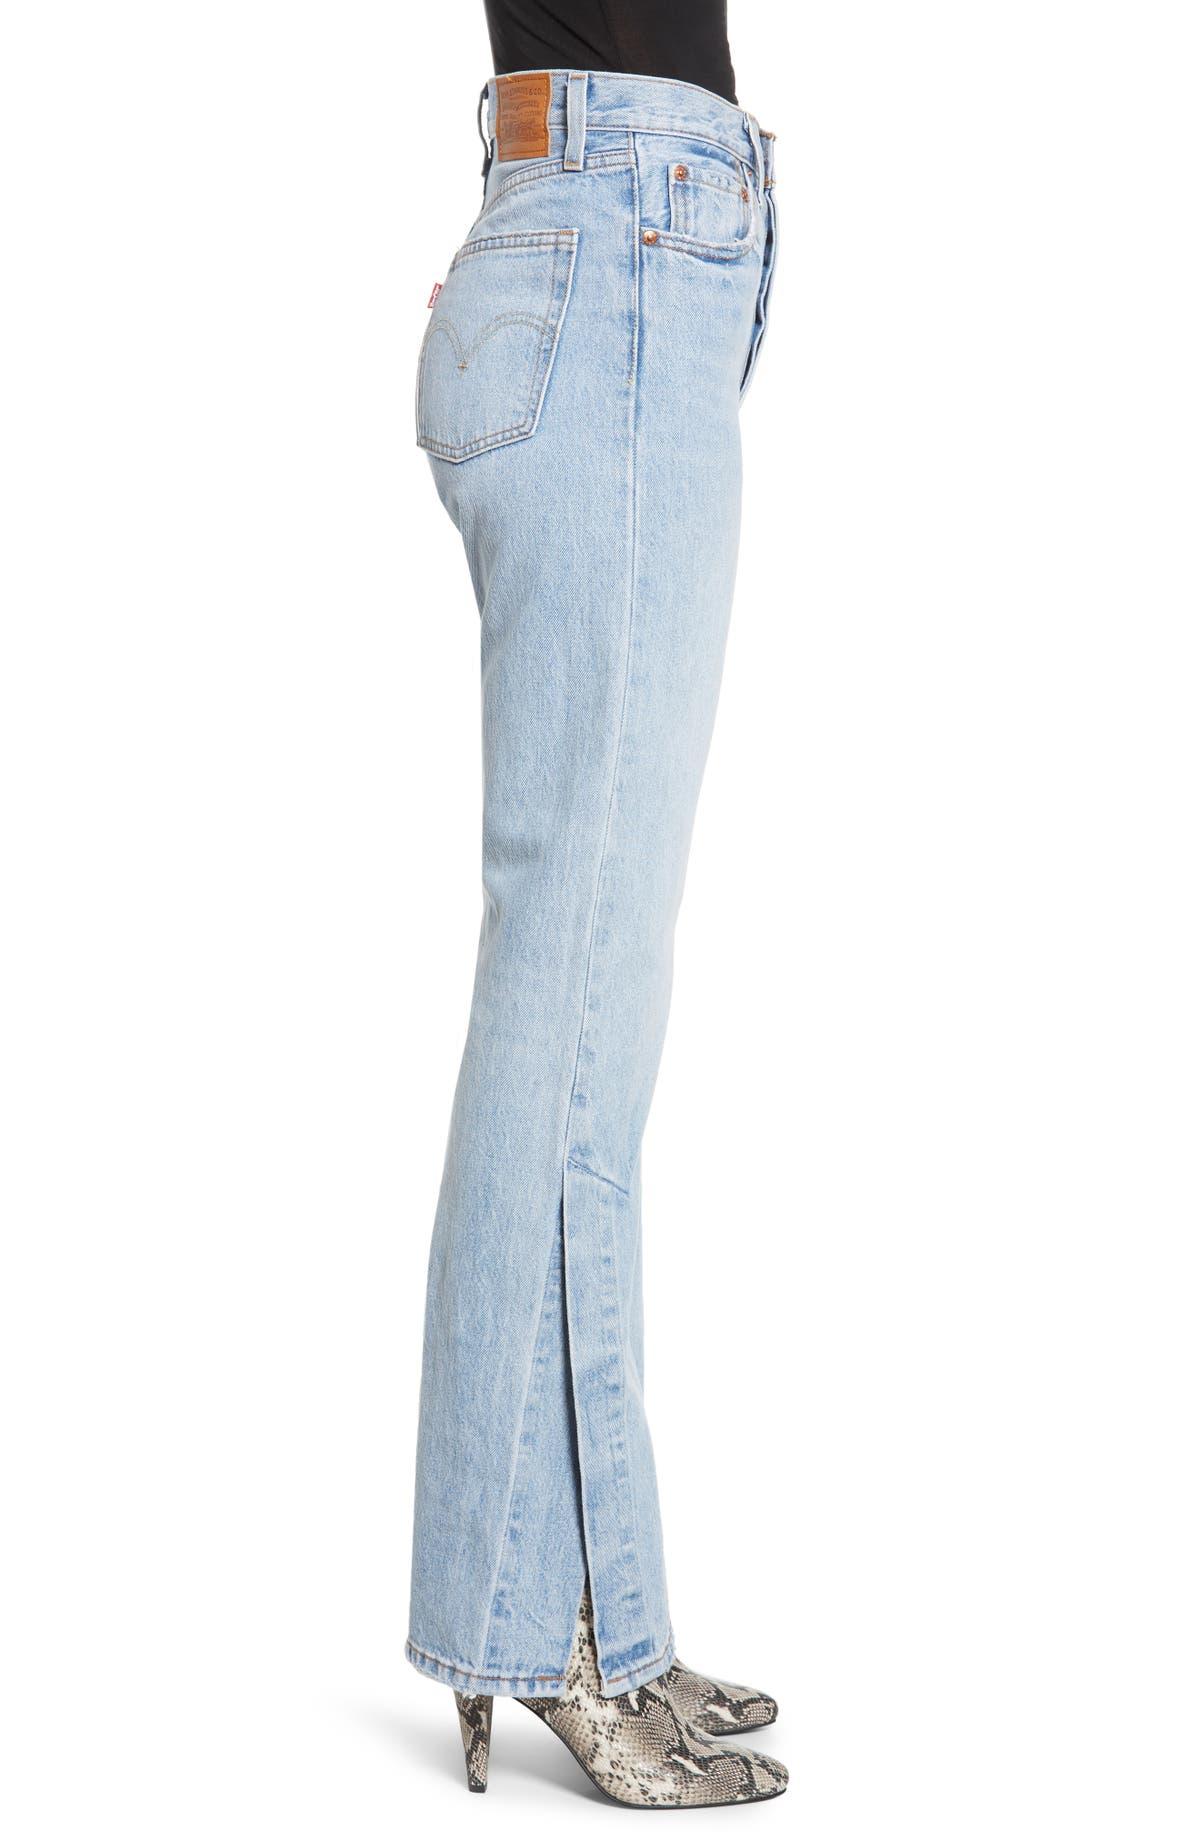 7ee351256bc67f Levi's® Ribcage Super High Waist Split Flare Jeans (Dazed & Confused) |  Nordstrom